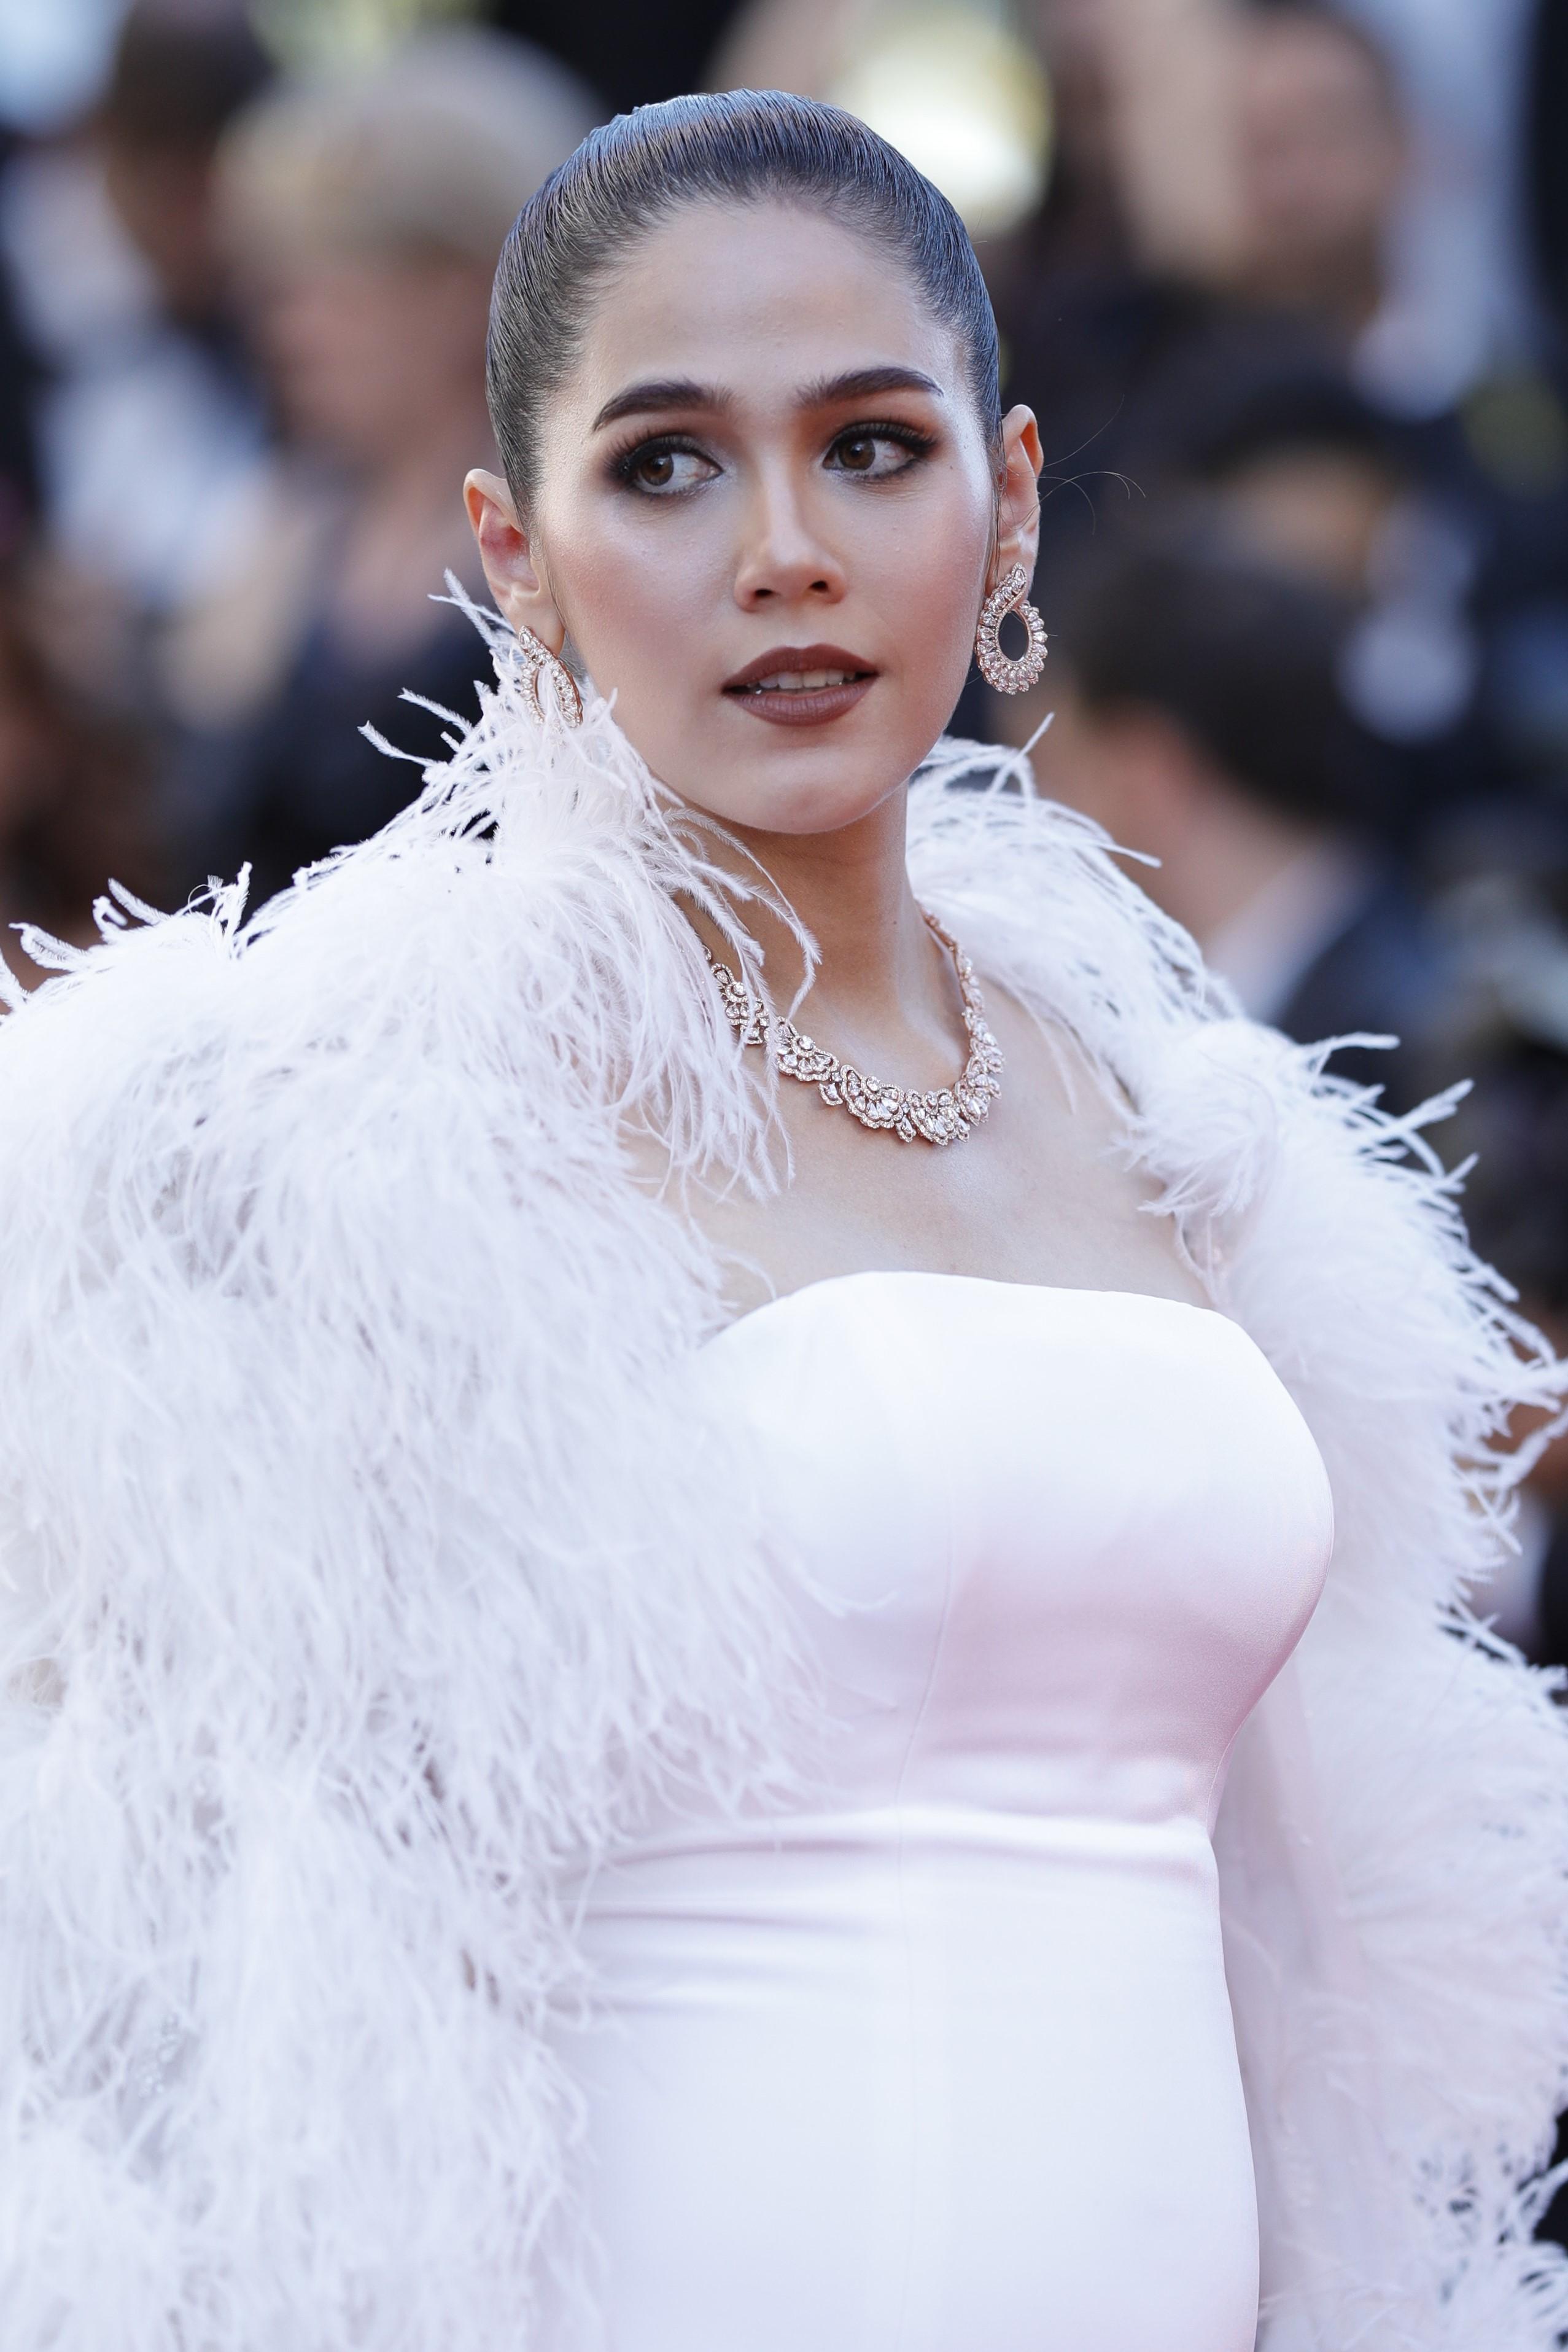 Araya Hargate, diễn viên mang hai dòng máu Thái Lan – Anh Quốc tỏa sáng trong bộ trang sức kim cương đắt tiền từ bộ sưu tập High Jewellery của Chopard.